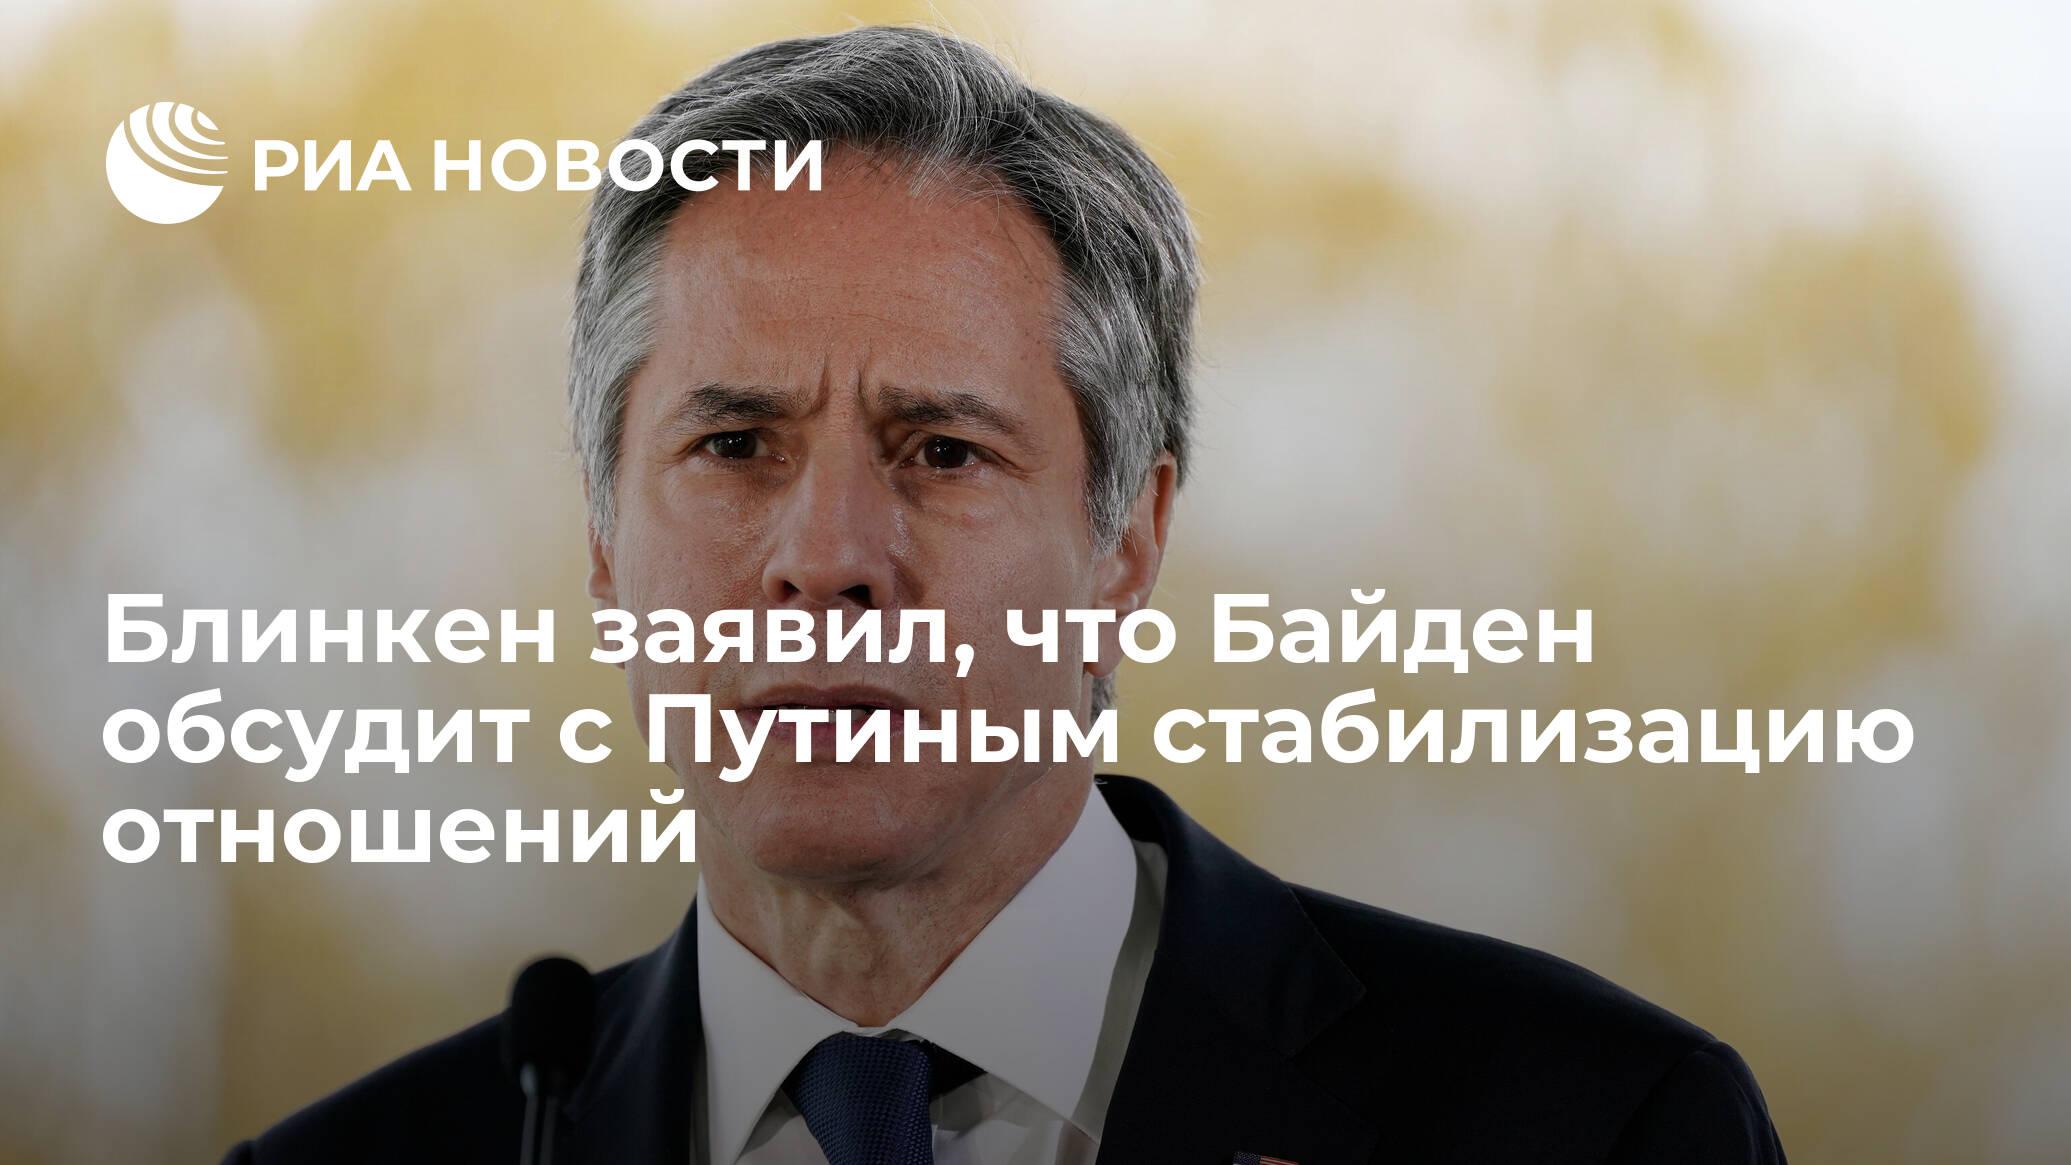 Блинкен заявил, что Байден обсудит с Путиным стабилизацию отношений